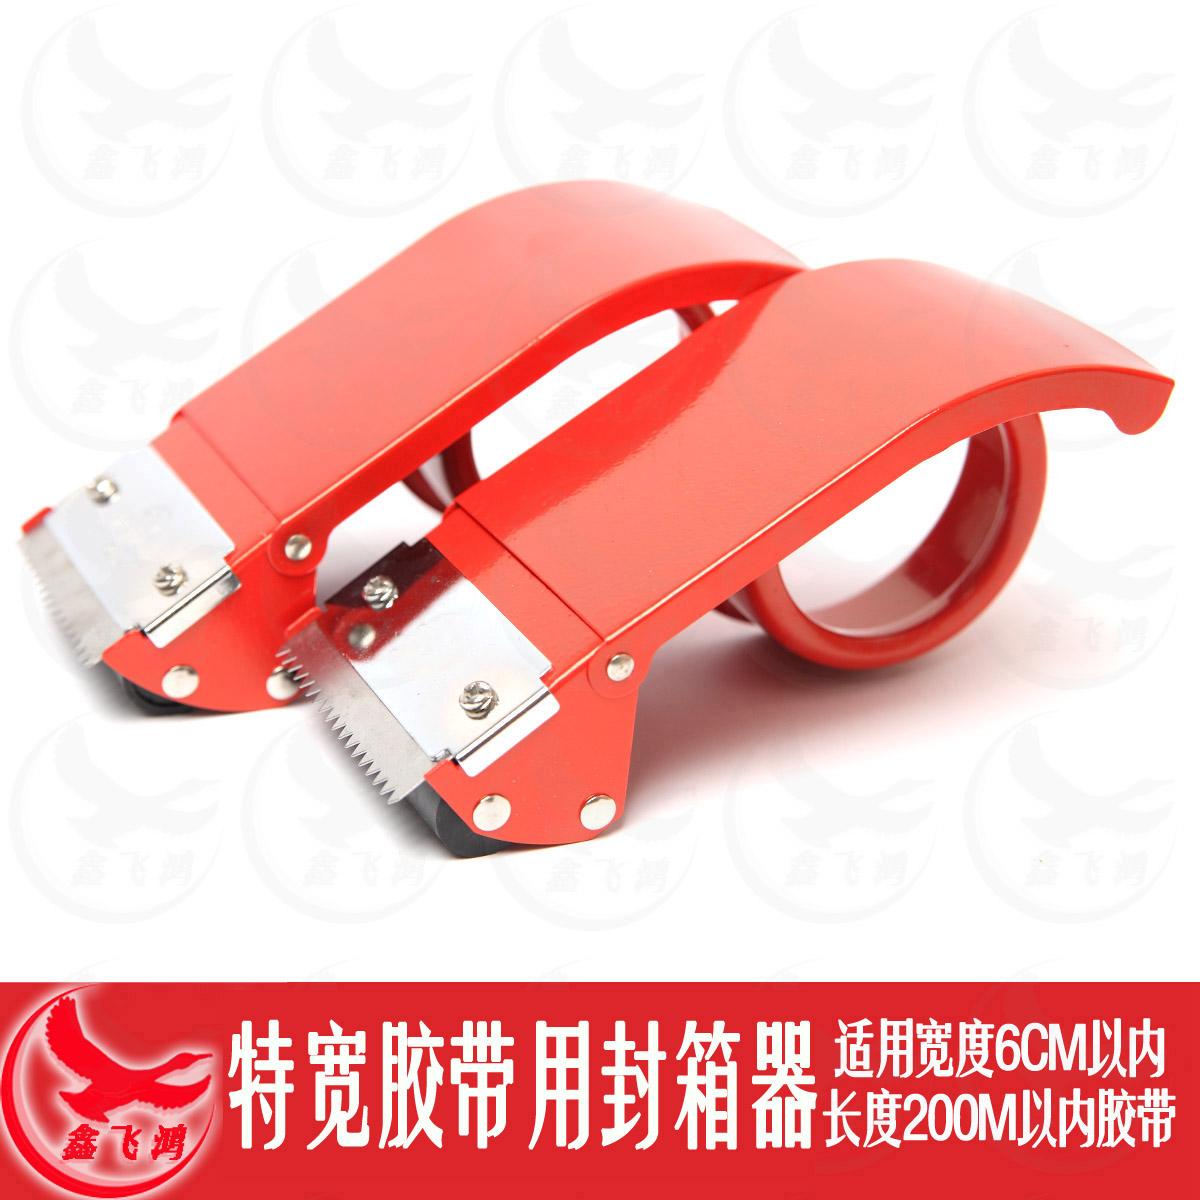 Оптовая торговля железо система 6.0cm прозрачный печать коробка лента резка устройство железный лист клей бумага тюк машинально лента резка сиденье большой размер